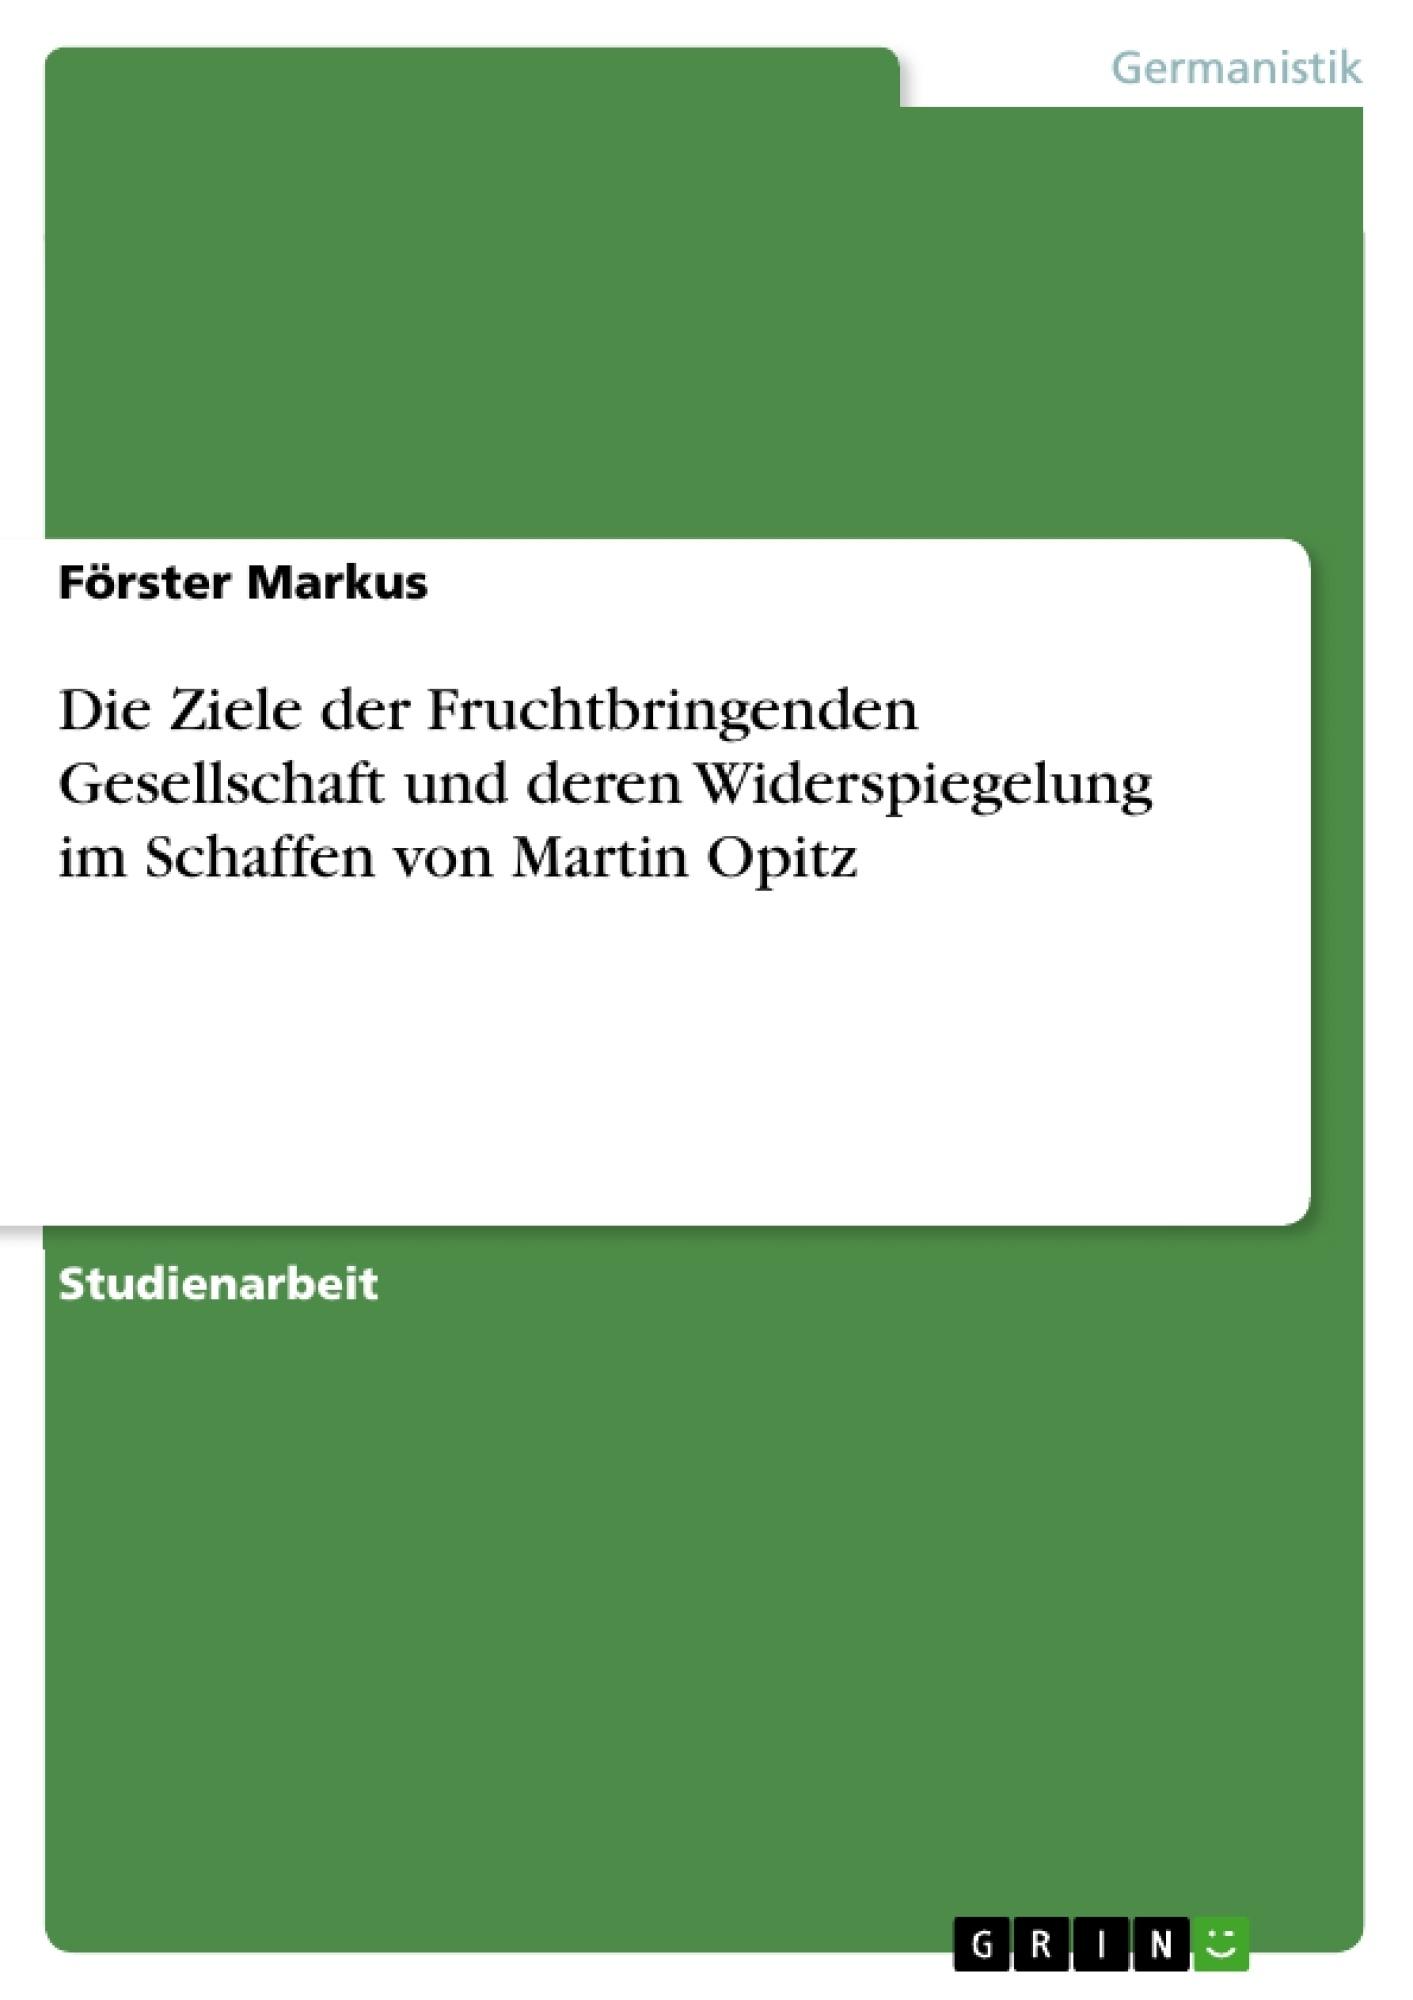 Titel: Die Ziele der Fruchtbringenden Gesellschaft und deren Widerspiegelung im Schaffen von Martin Opitz